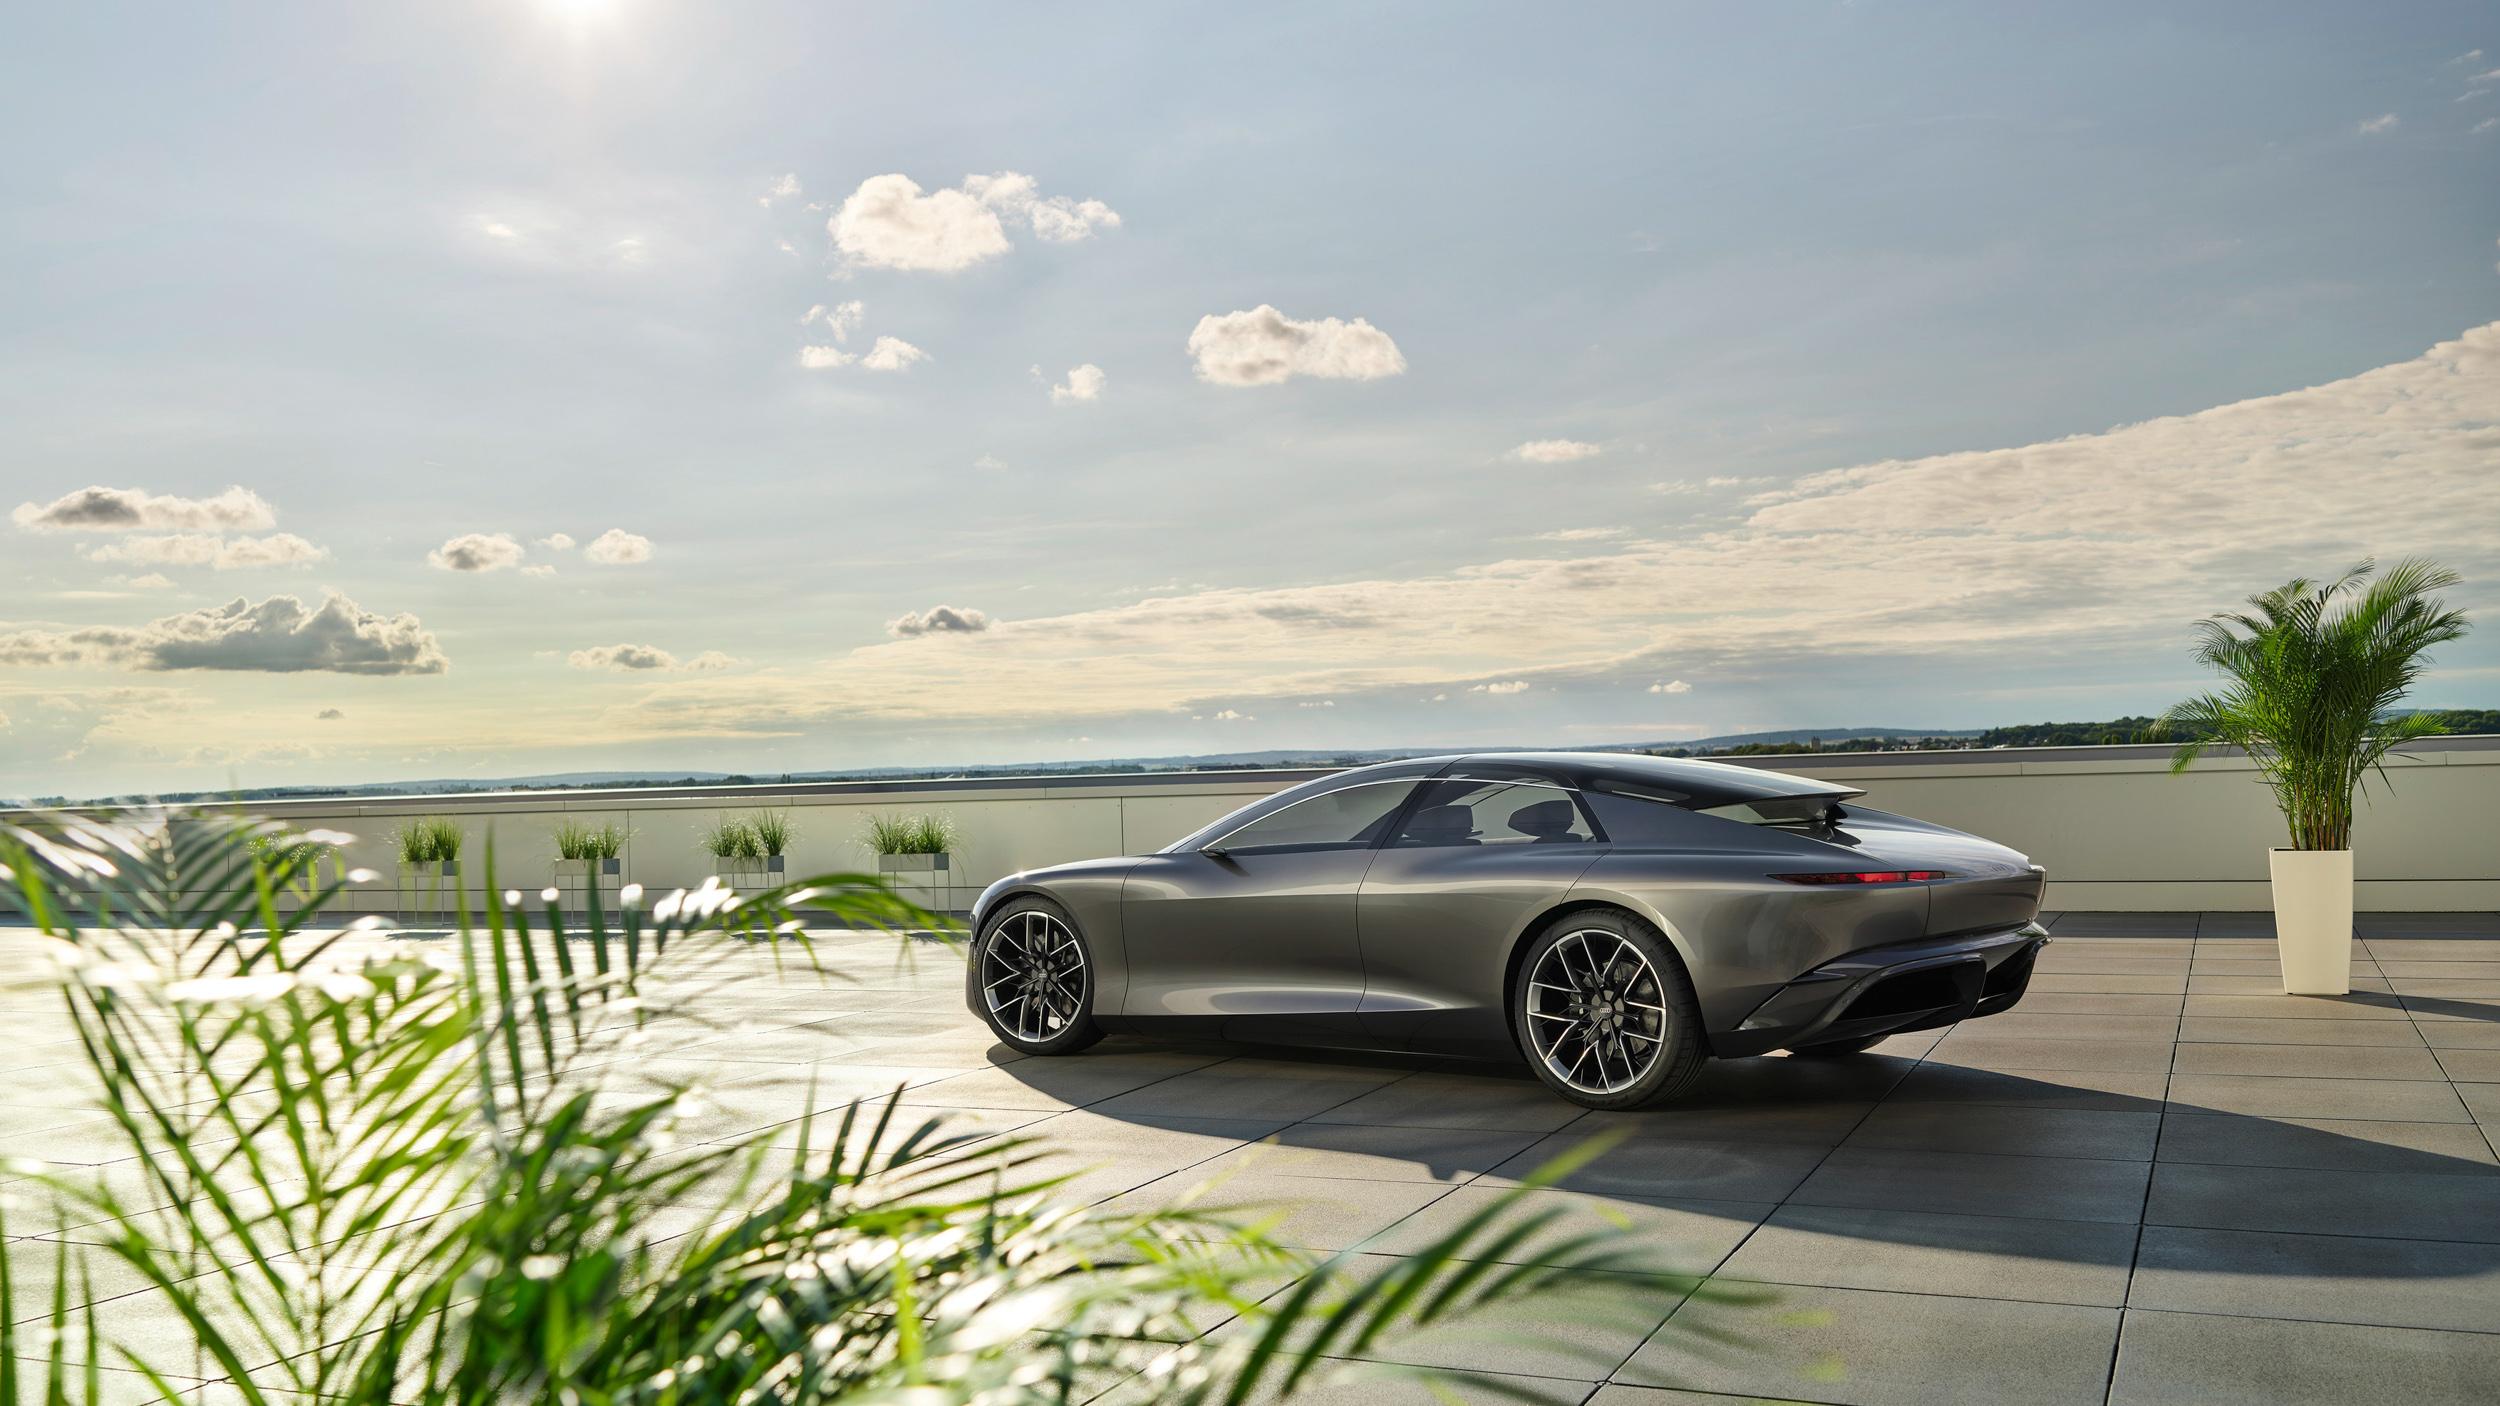 未來四環旗艦轎跑預覽  Audi grandsphere concept 全球首演